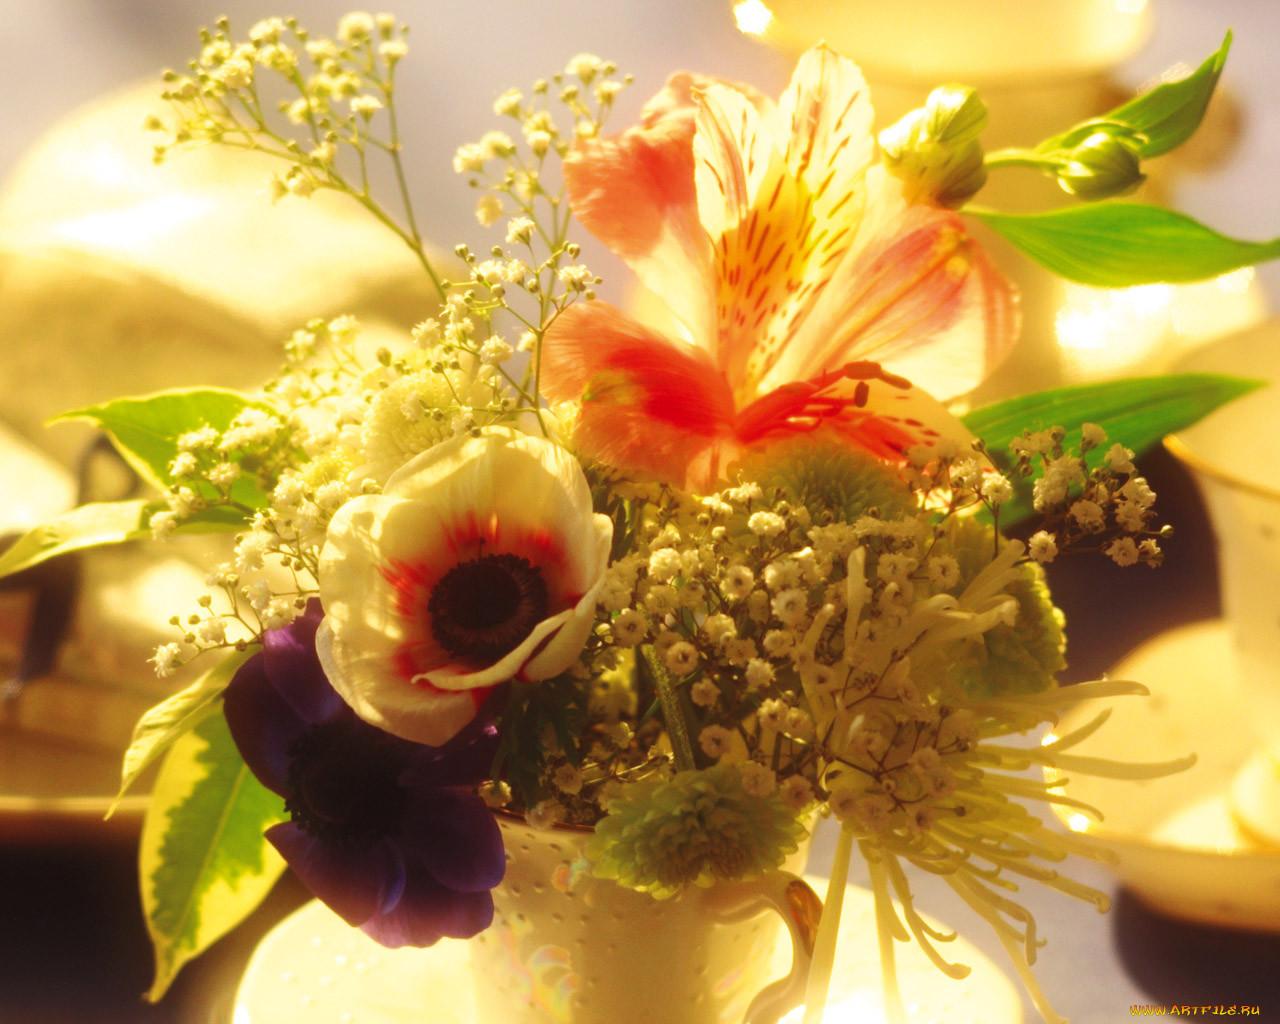 фото чудесного цветка организациях